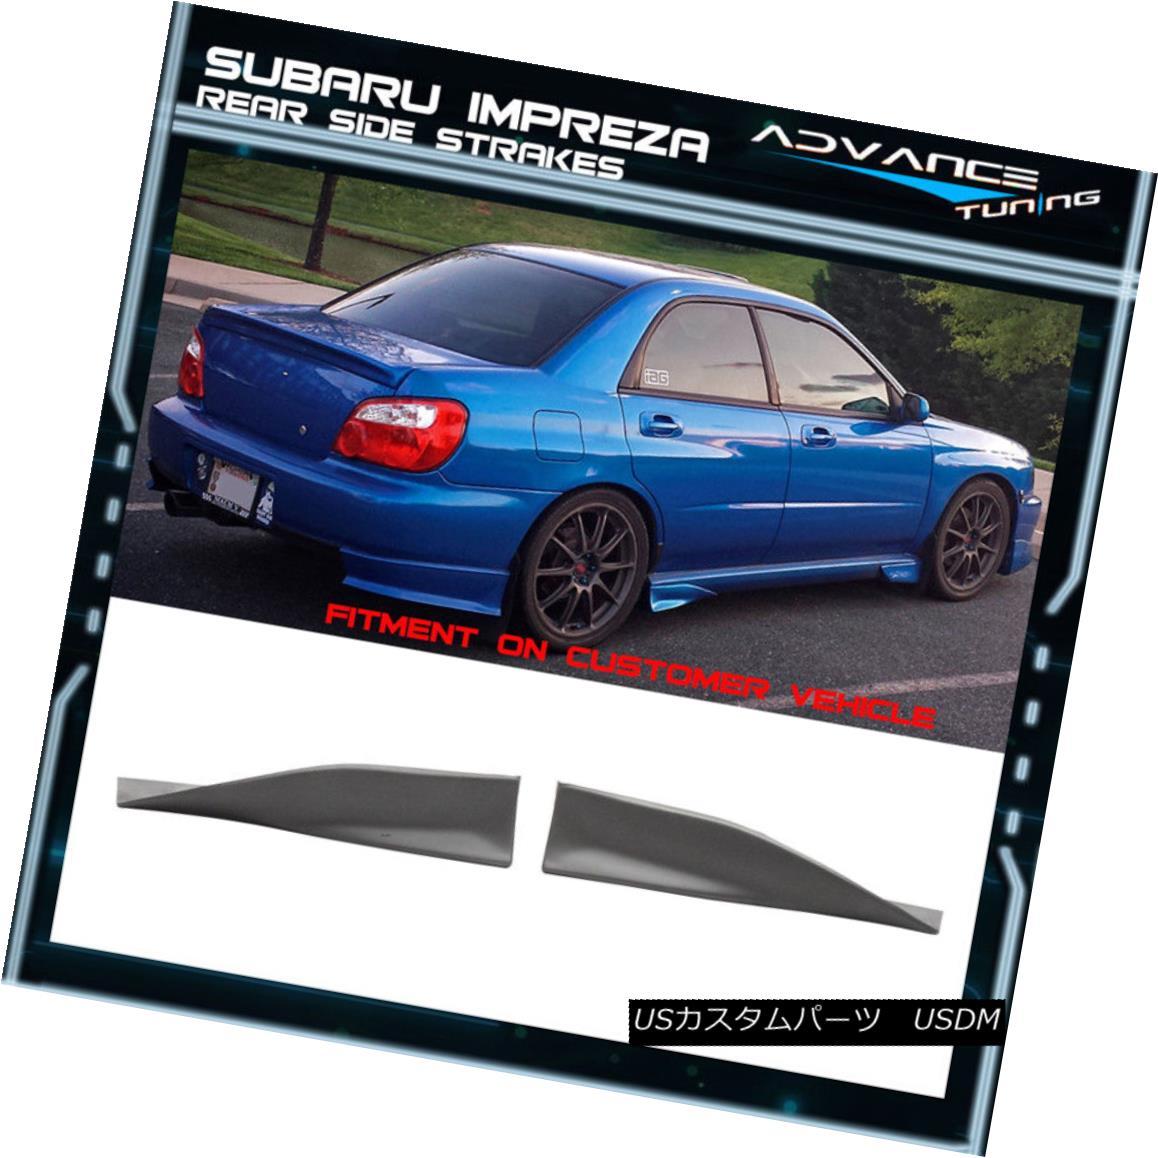 エアロパーツ Fit For 02-07 Subaru Impreza Poly Urethane Rear Side Strake Guards 2Pcs 02-07スバルインプレッサポリウレタンリアサイドストレートガード2個入り